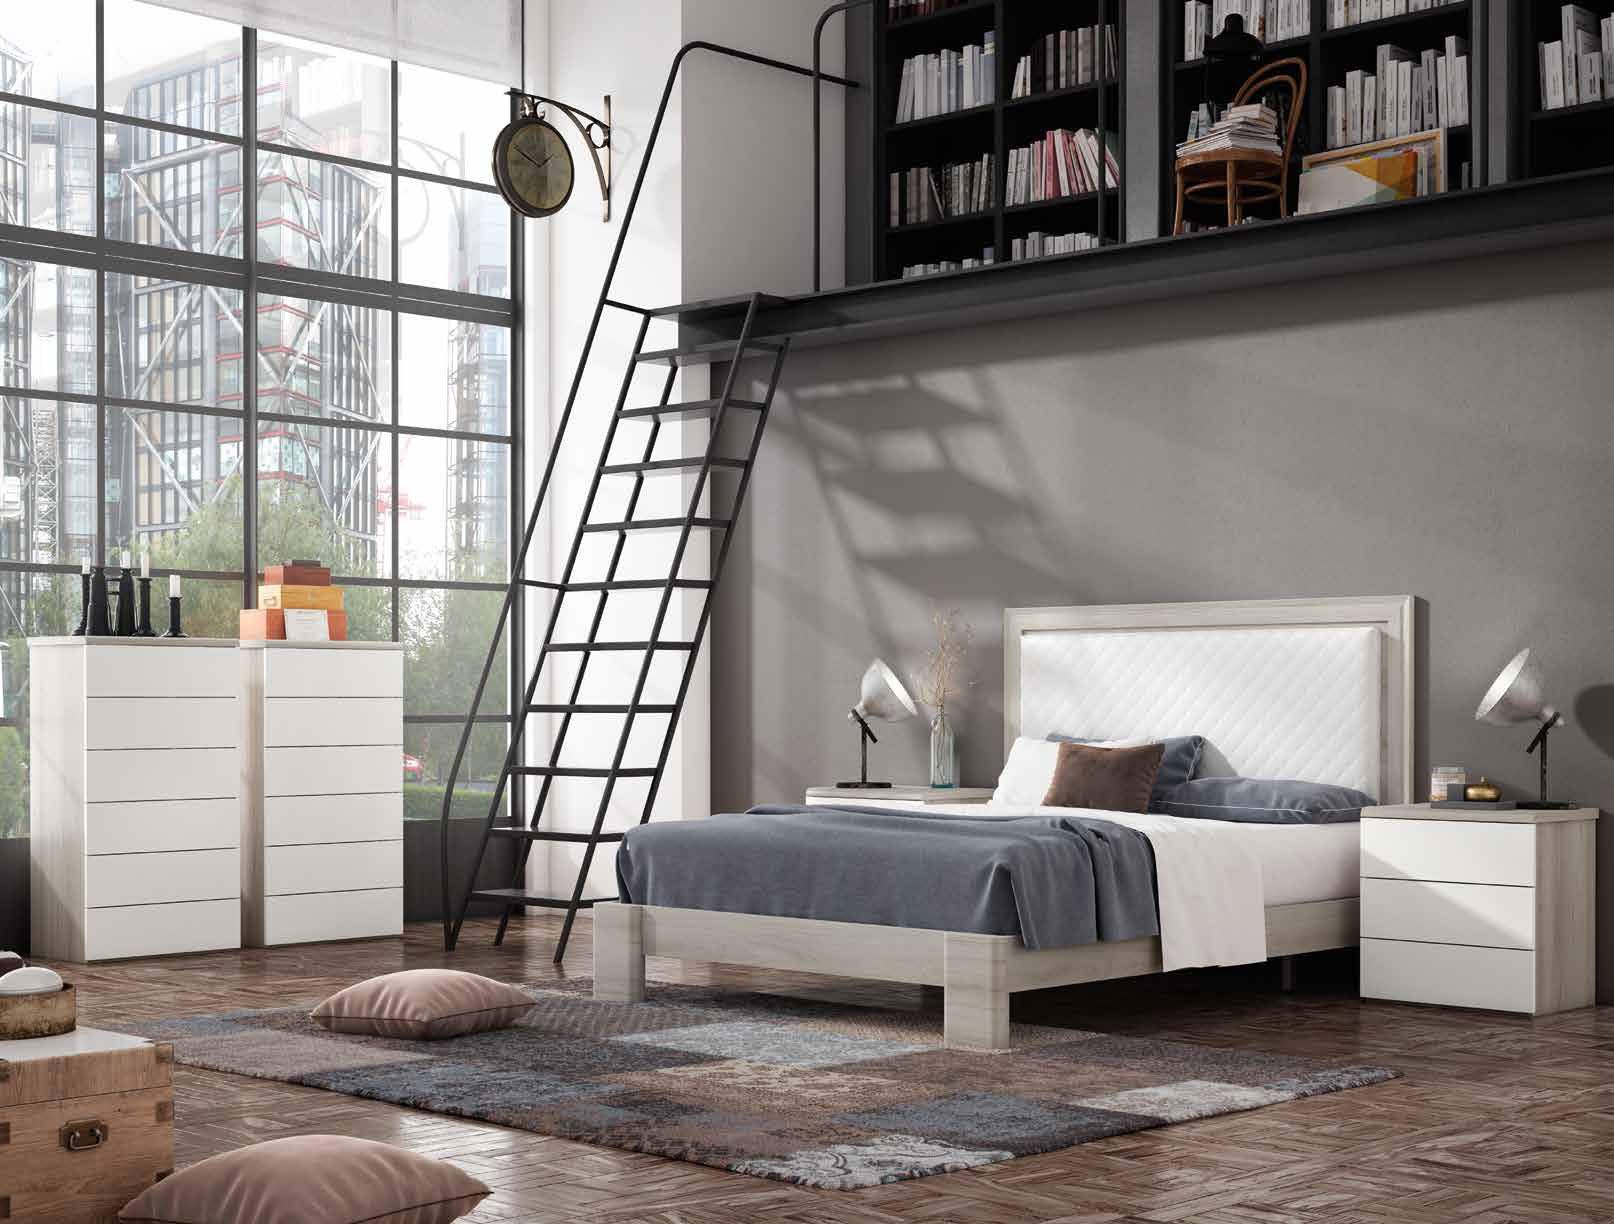 creta-dormitorio-aura-tapizado-42